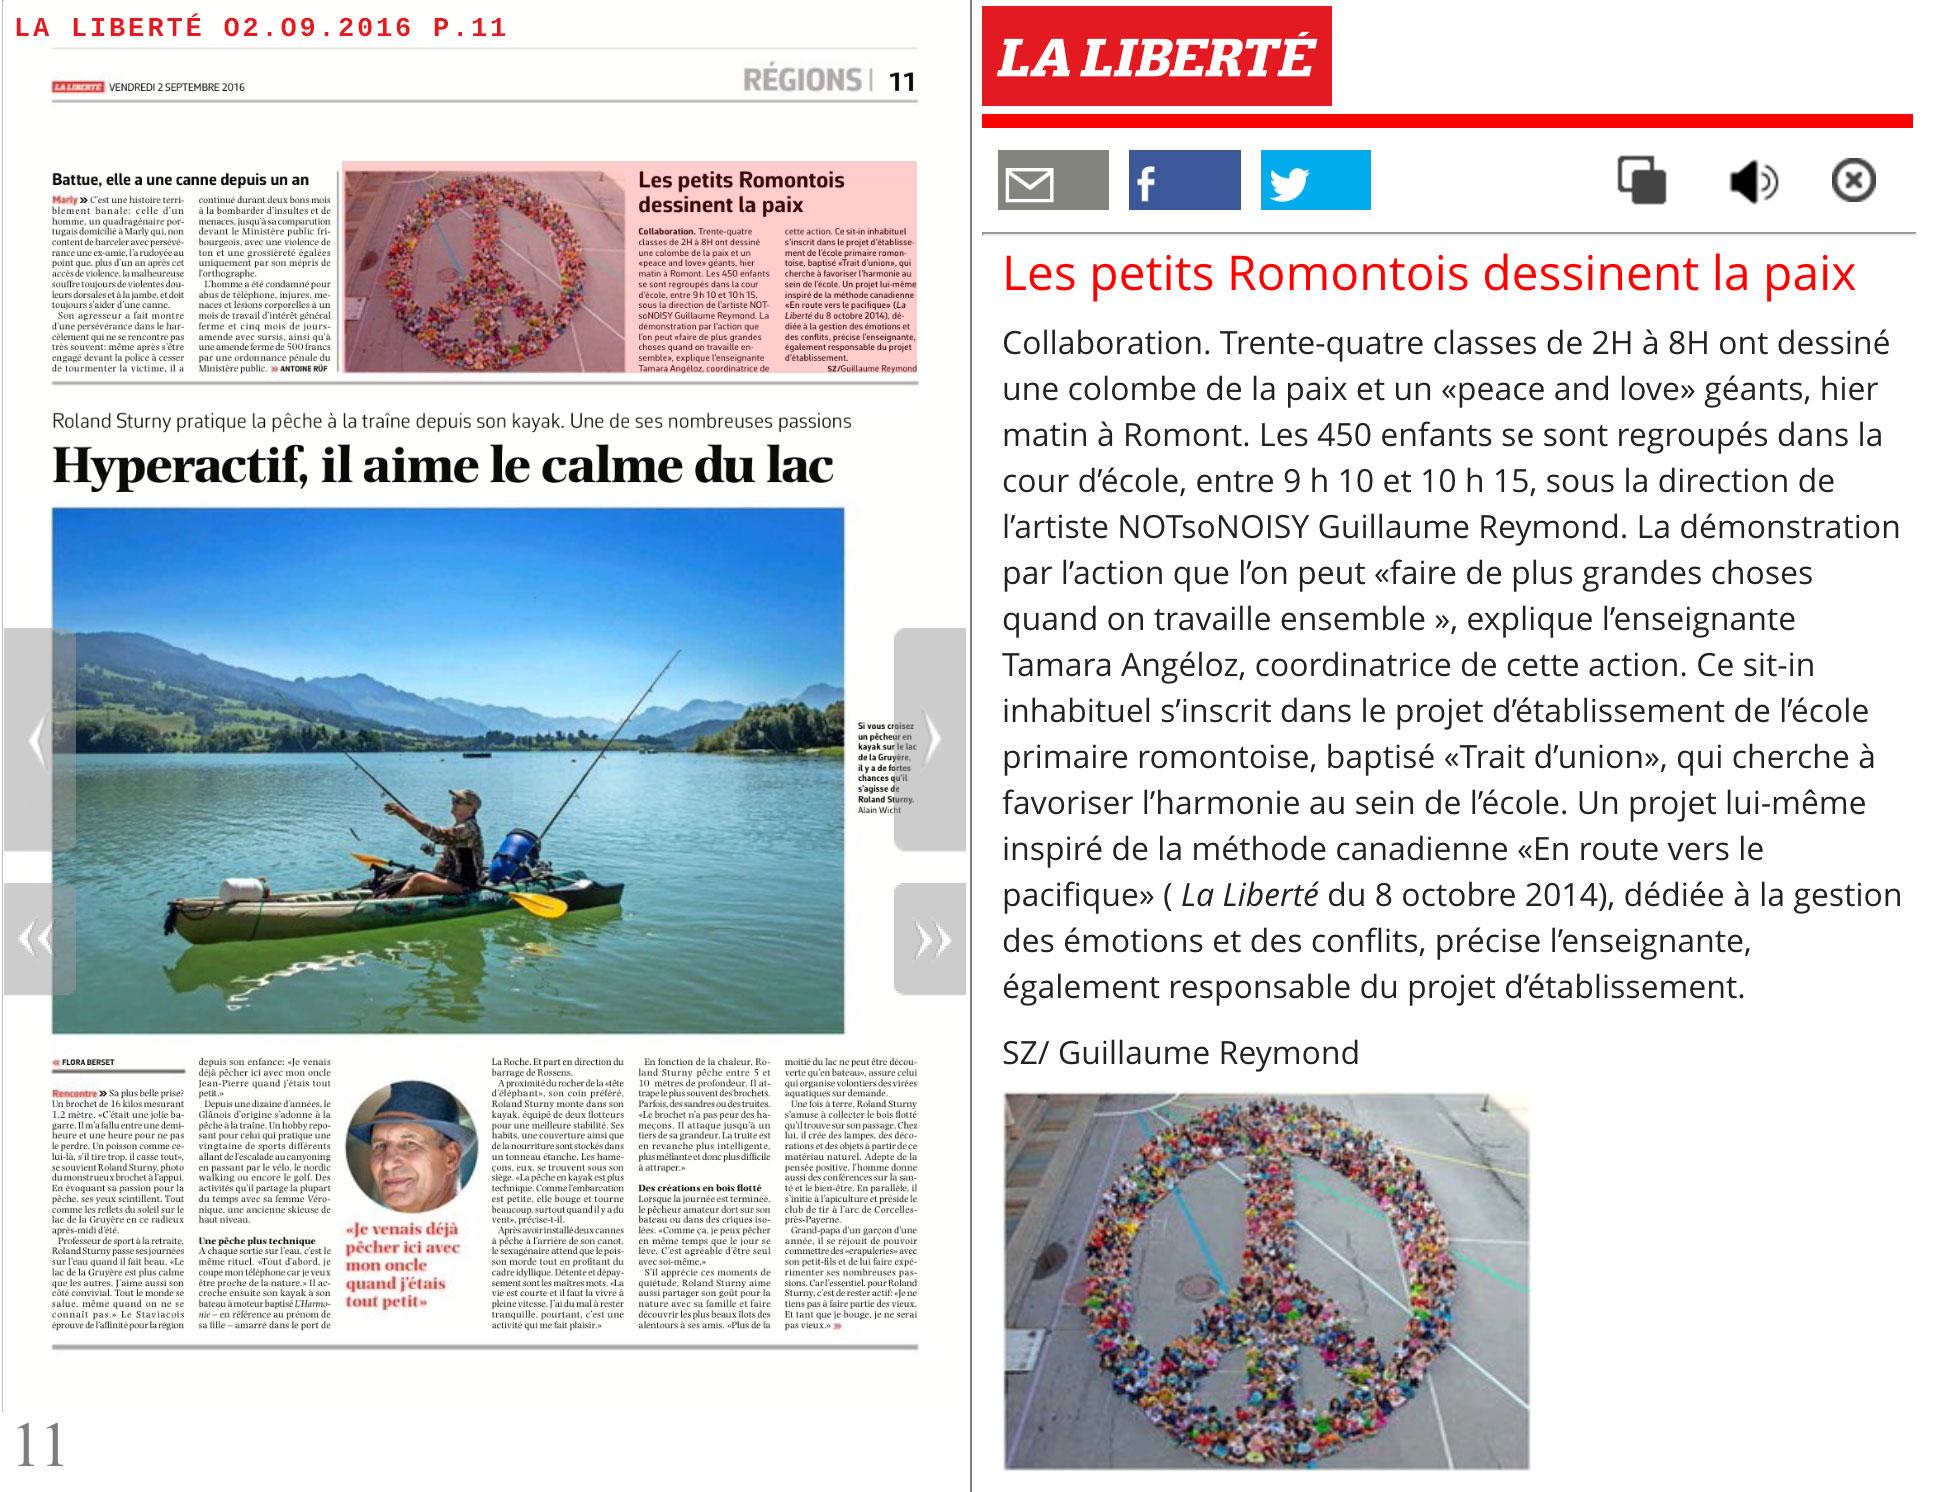 La Liberté 2016_09_02